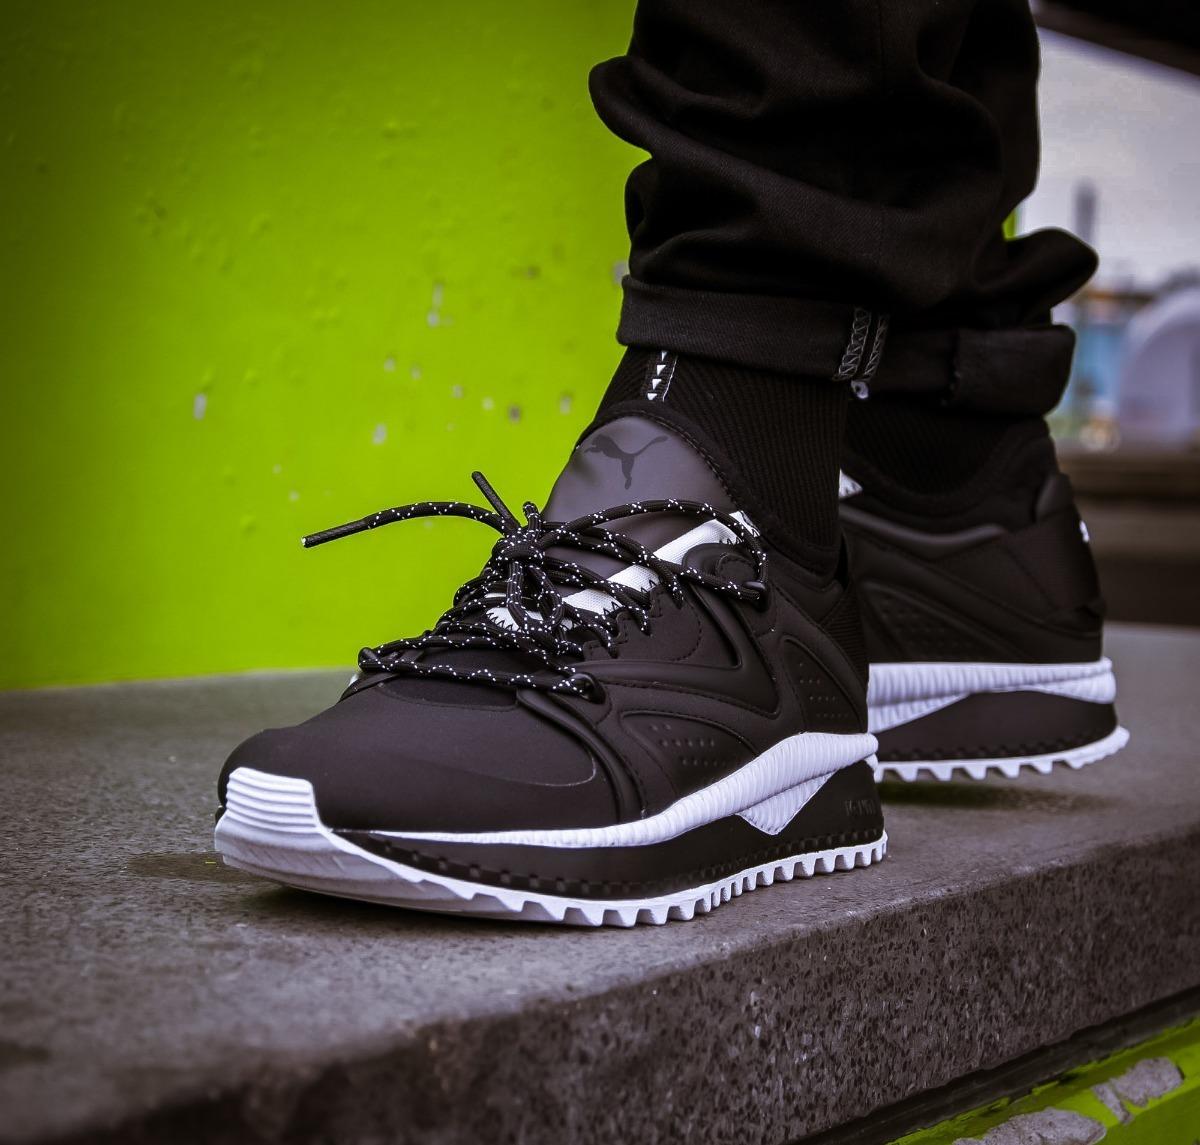 9eb2427fd70 tenis puma tsugi kori hi training shoes gym original hombre. Cargando zoom.